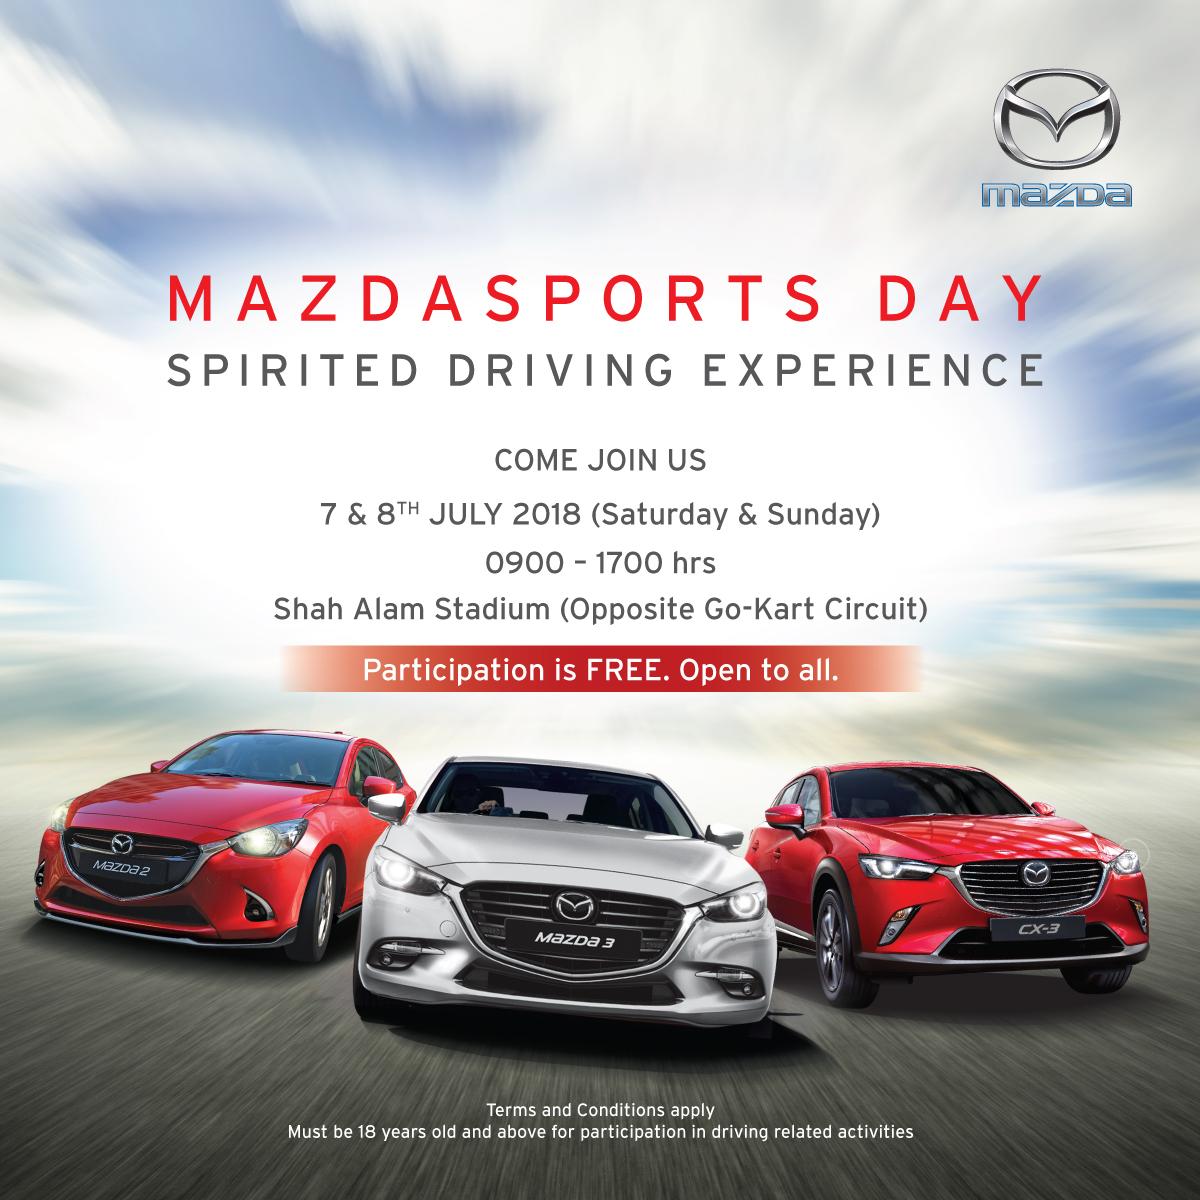 Mazda Malaysia 举办 MazdaSports Day 驾驶体验活动!